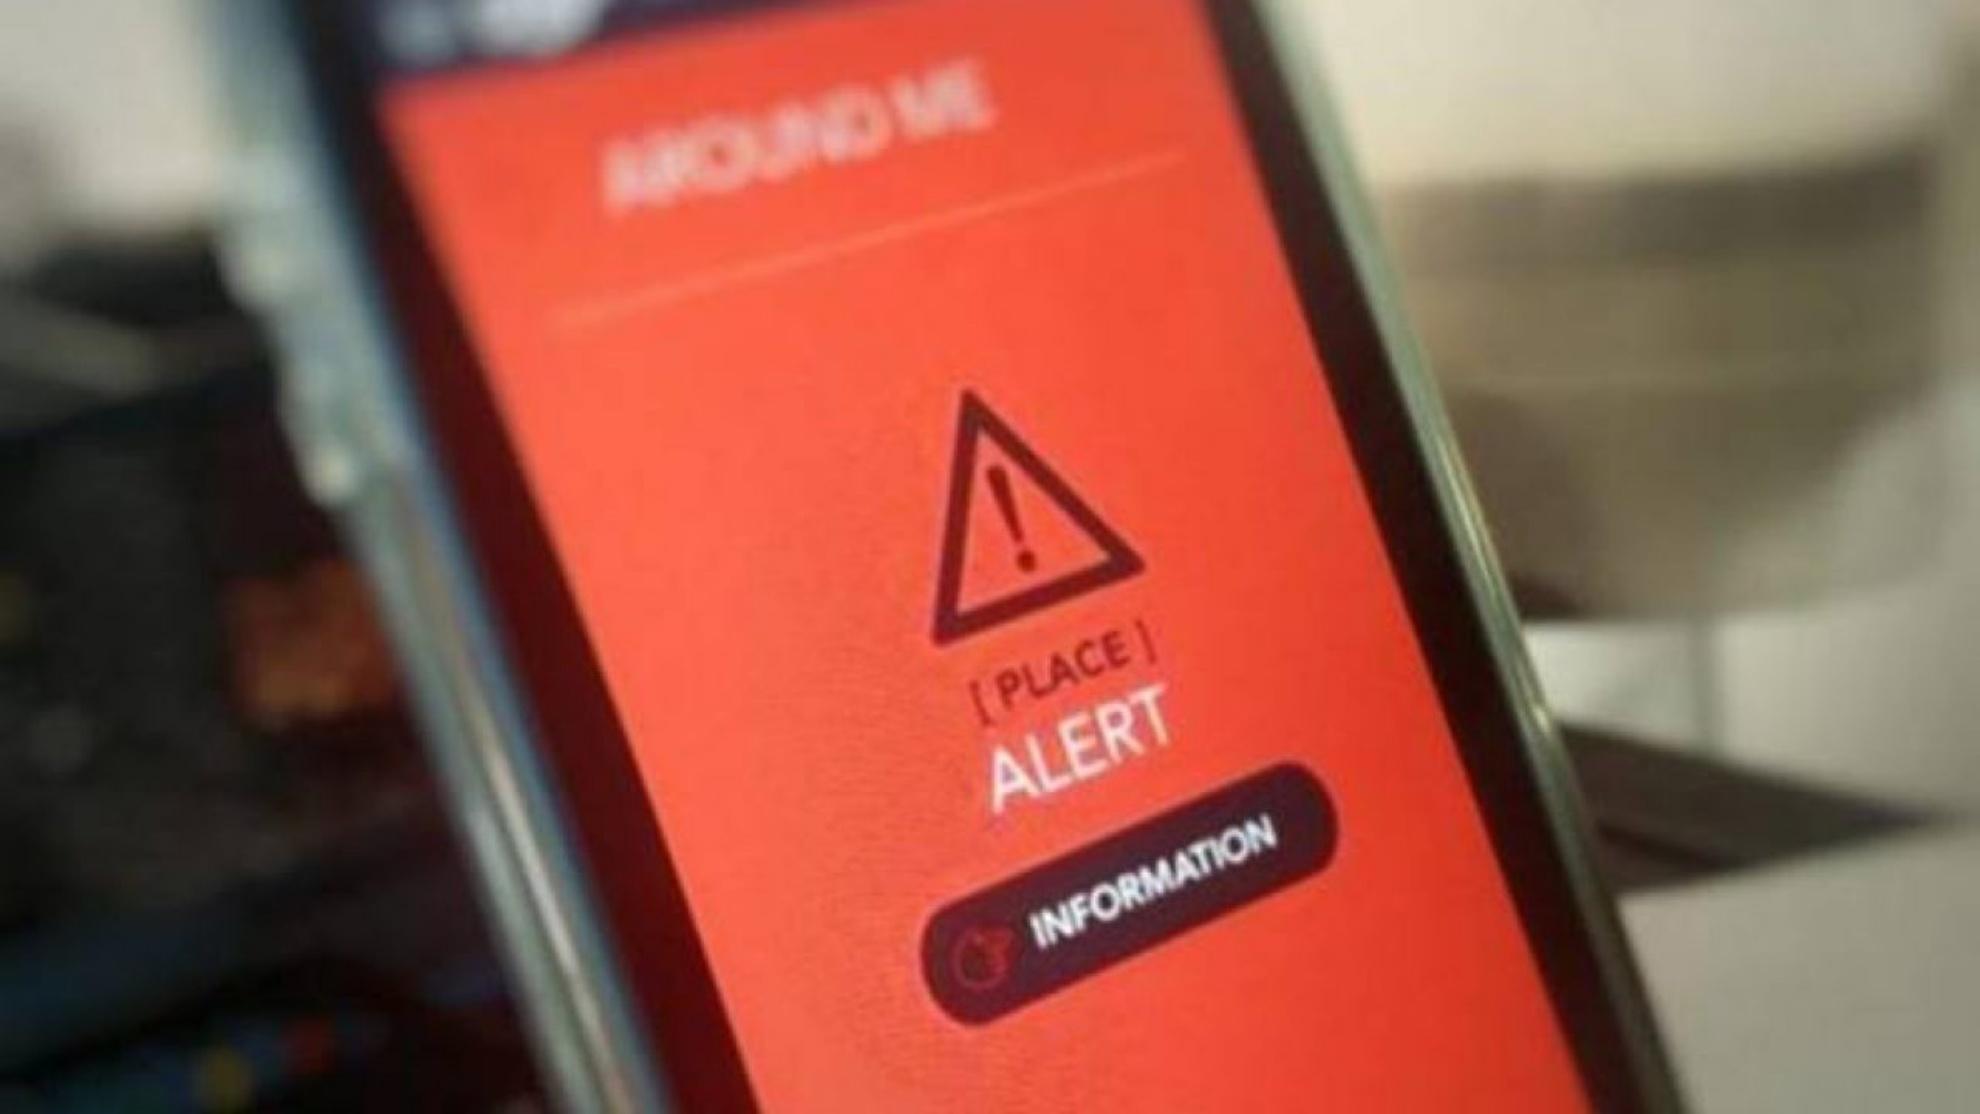 Telefoanele care nu sunt compatibile cu sistemul RO-ALERT interzise în România